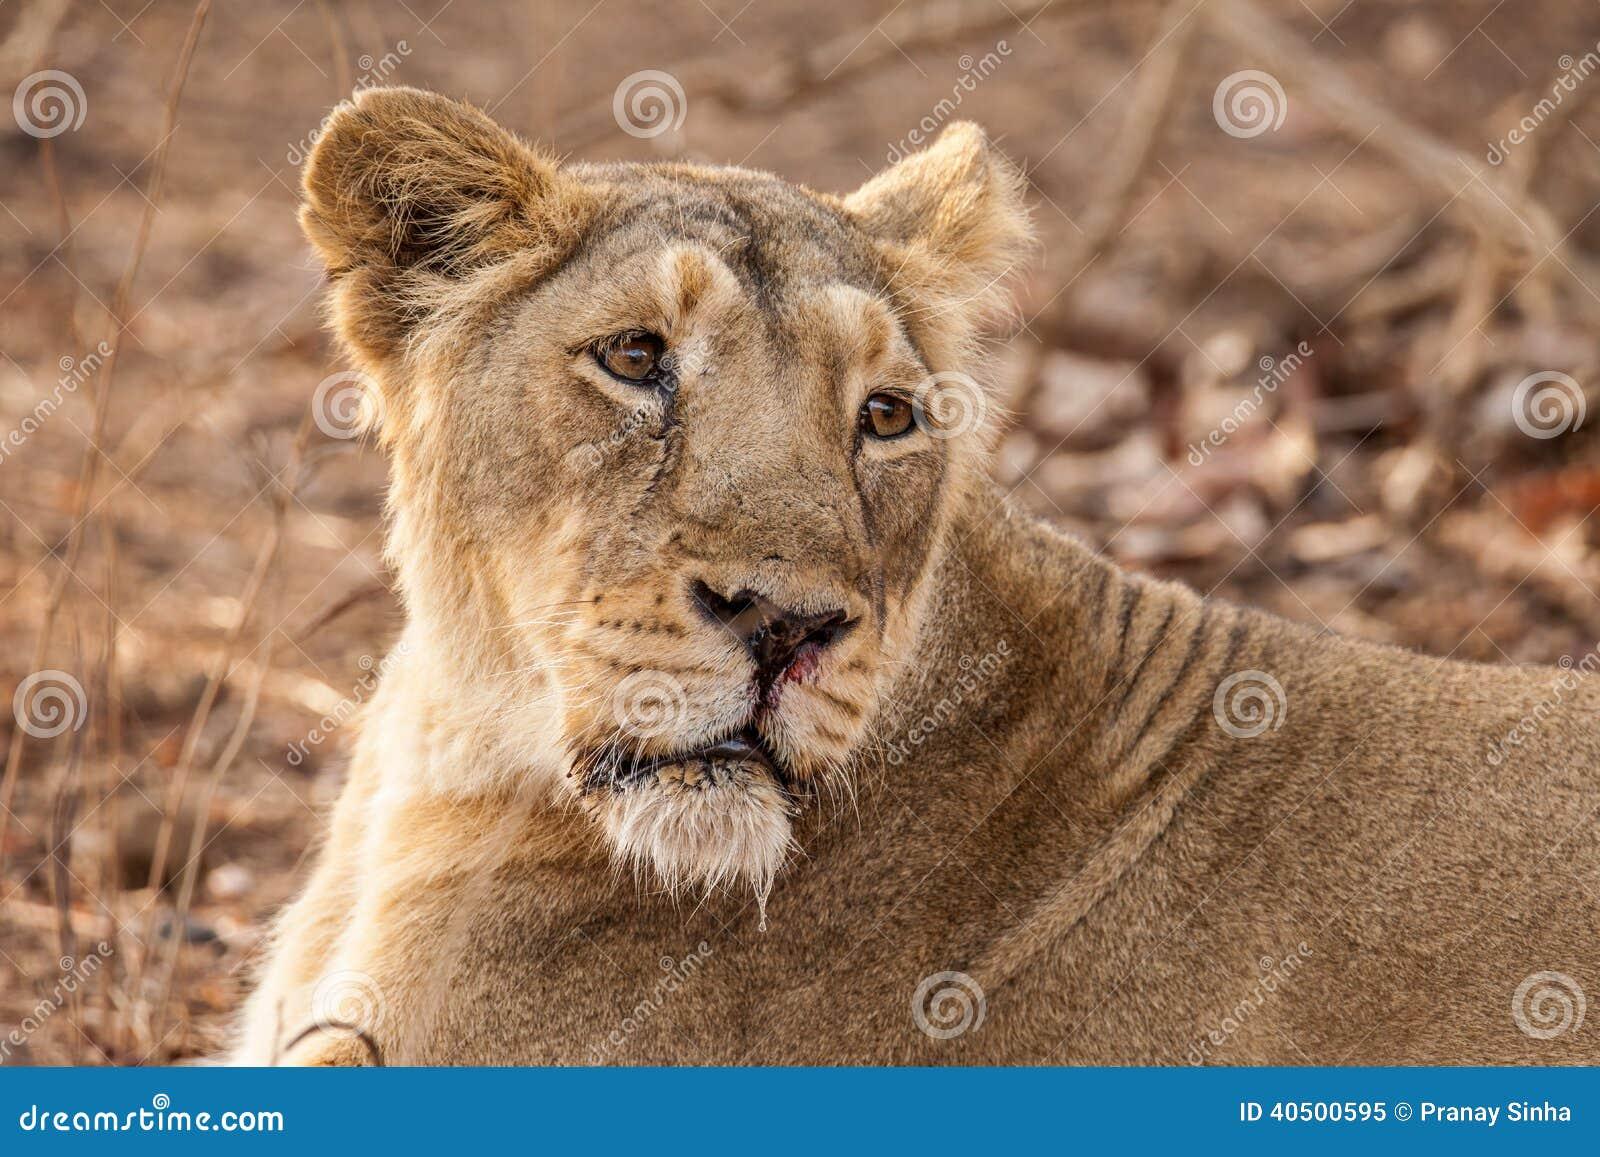 Scientific Name Of Lion